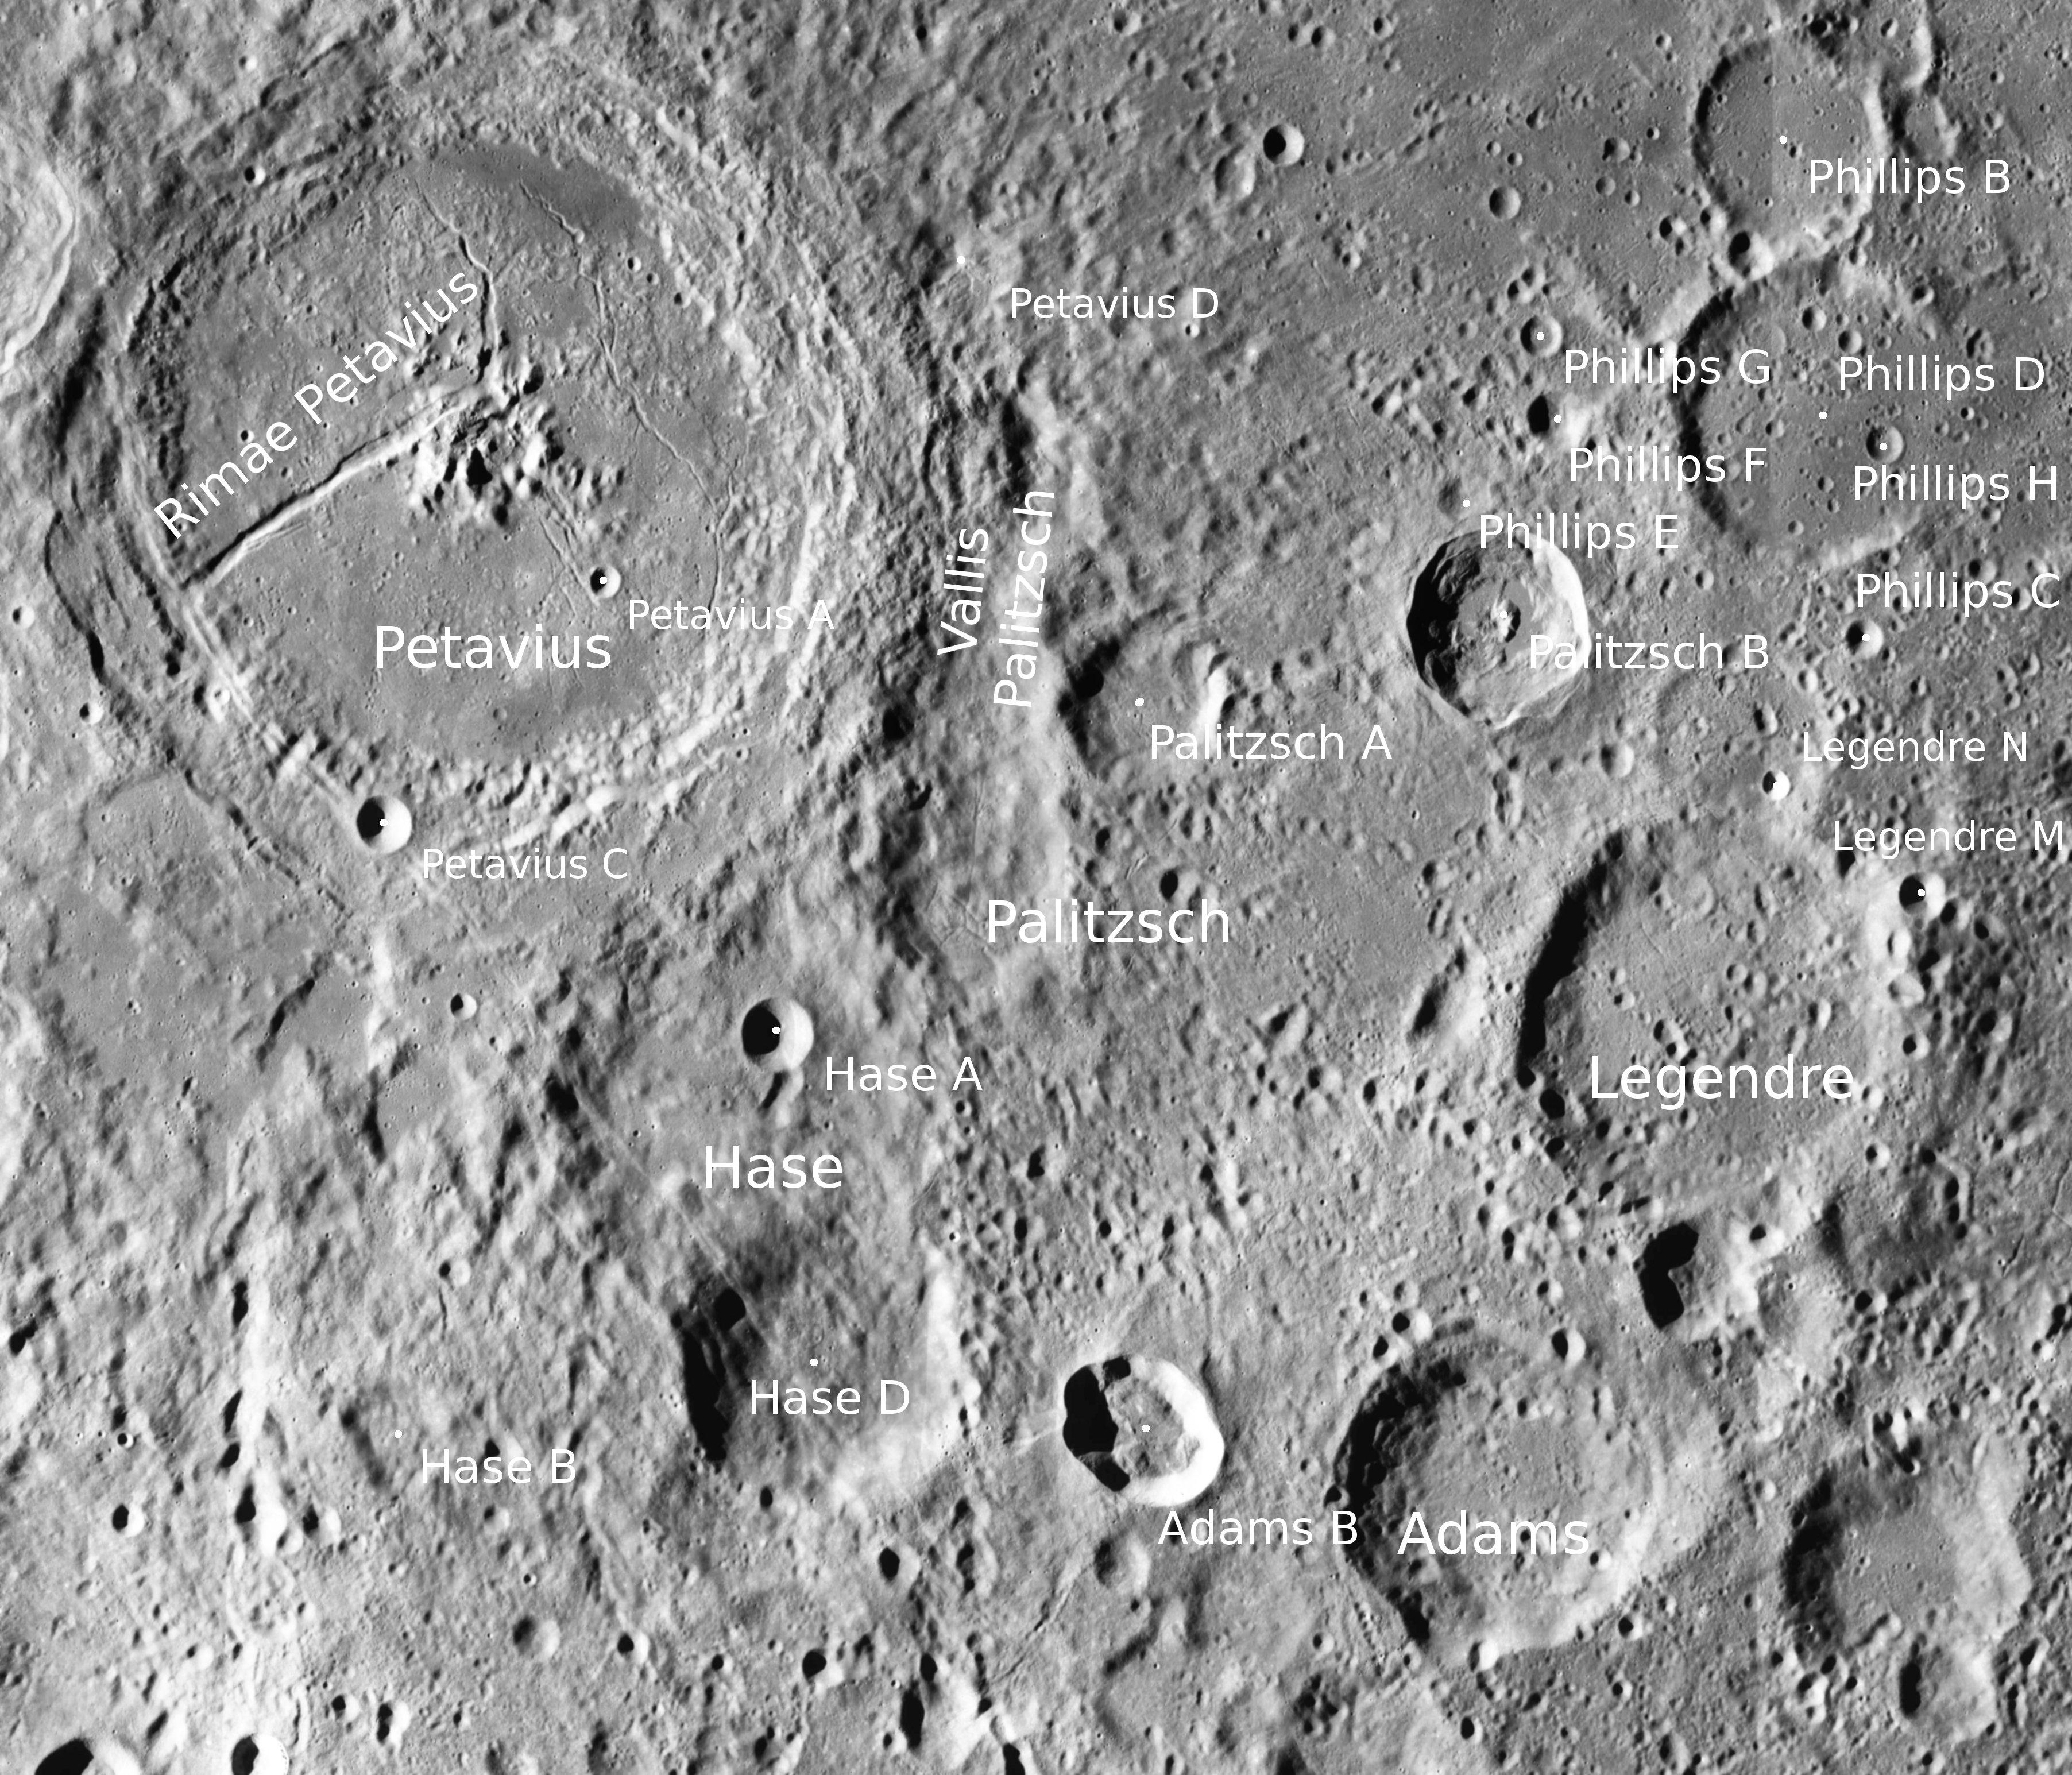 Petavius + Hase + Adams + Legendre - LROC - WAC.JPG